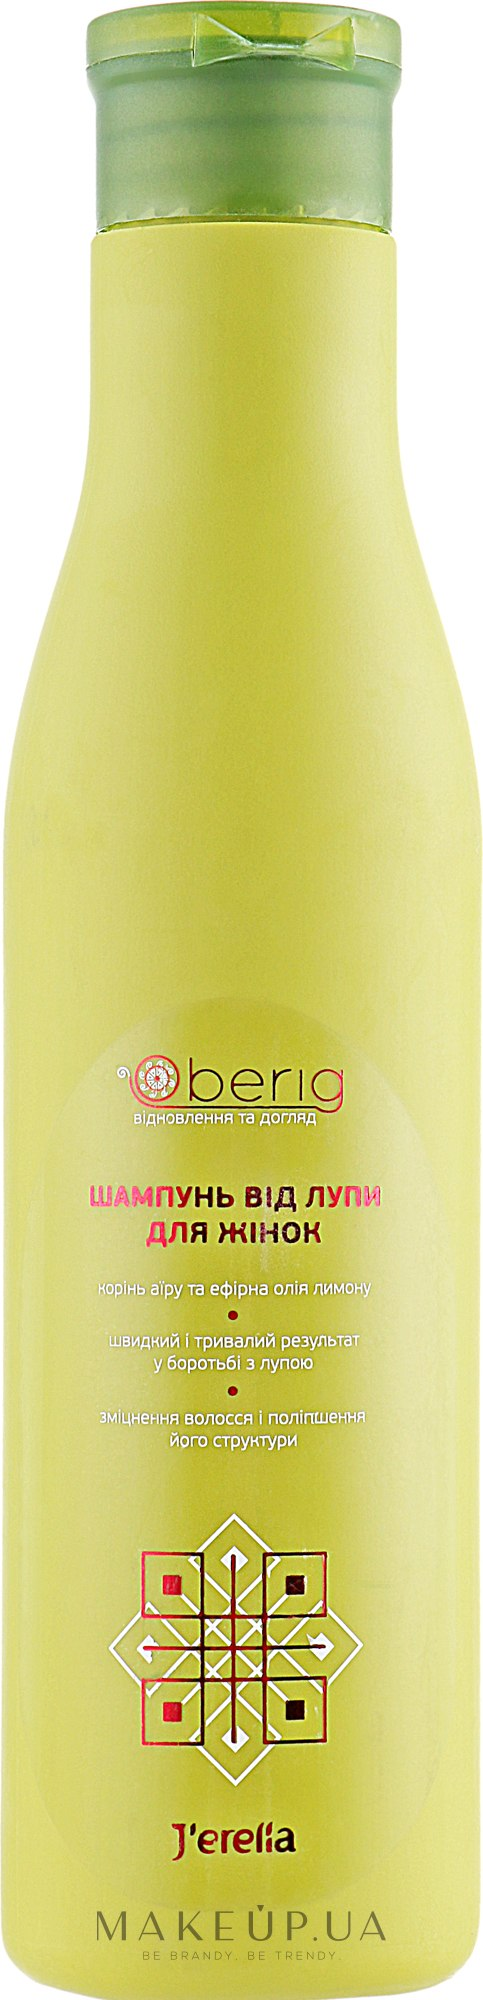 Шампунь для волос против перхоти - J'erelia Oberig — фото 250ml